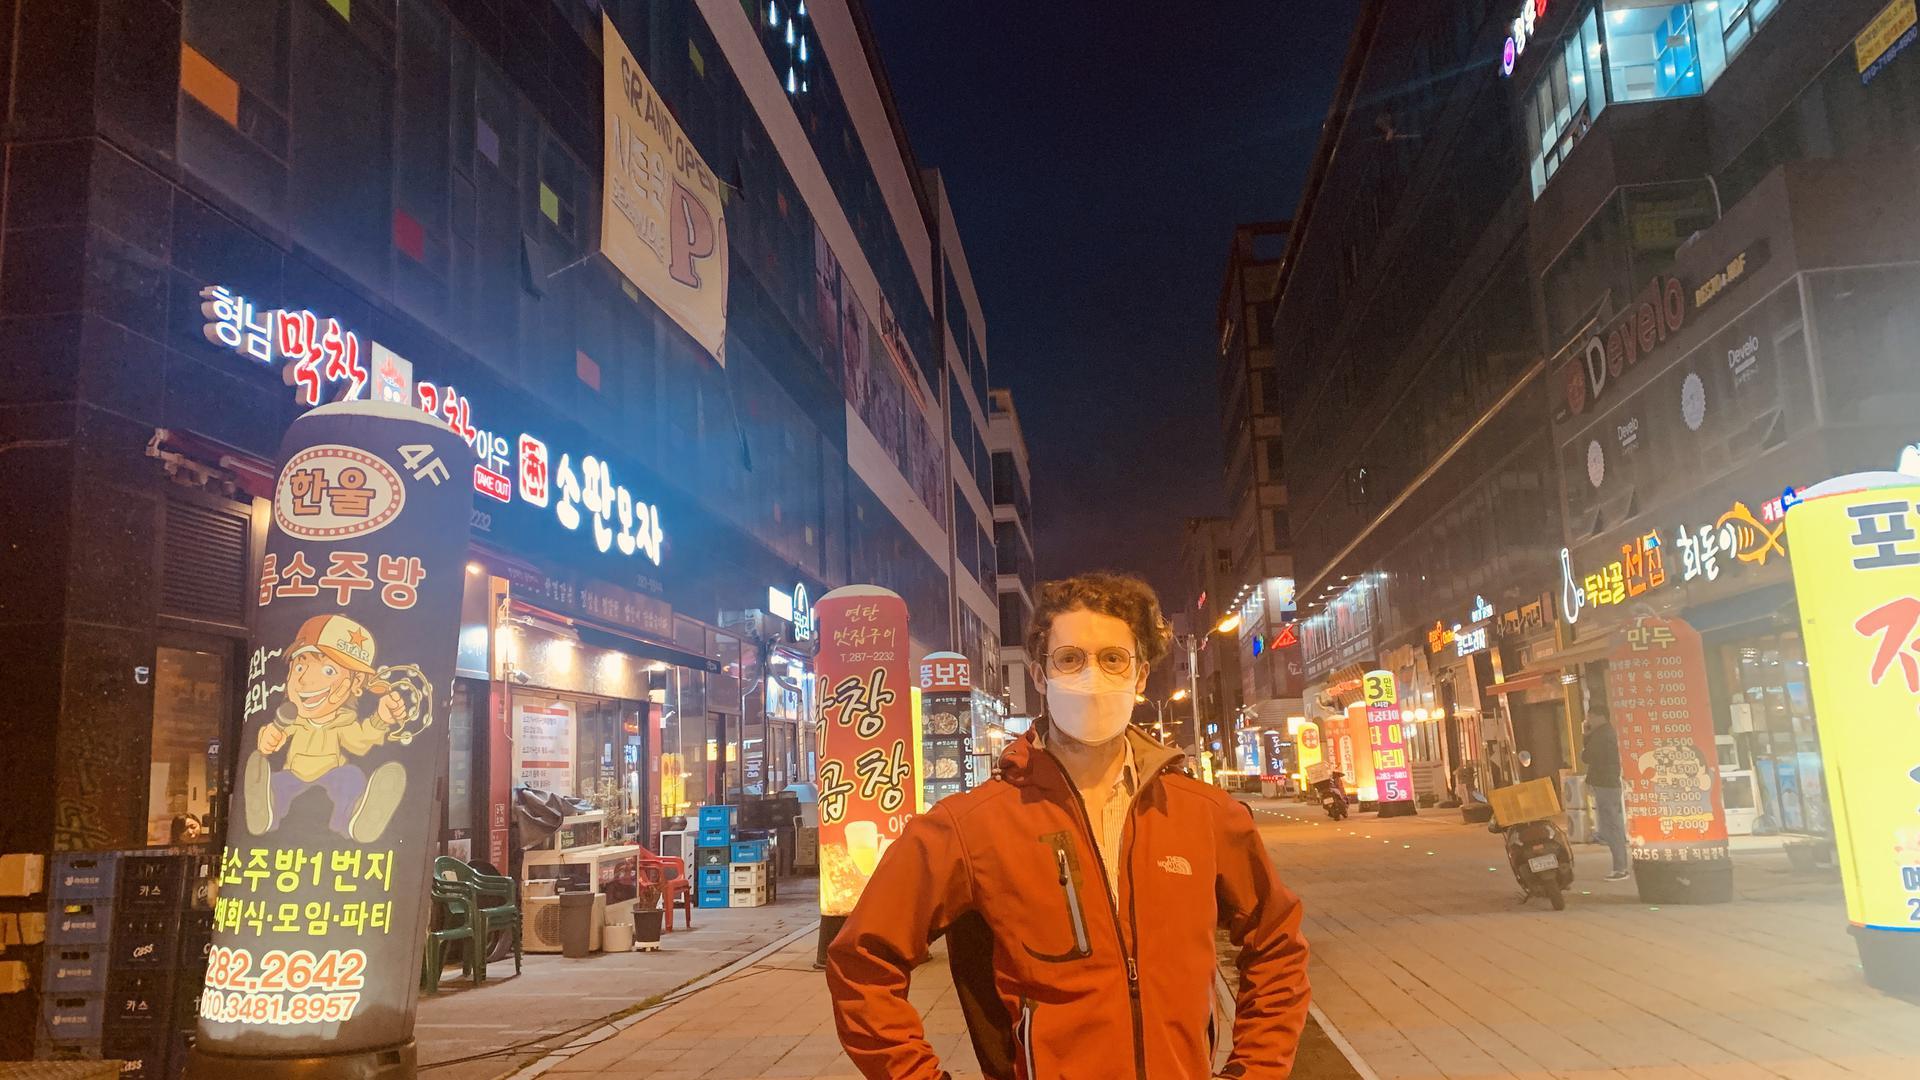 Alex Lungu lebt und arbeitet in Südkorea. Der gebürtige Rastatter erzählt, welche Maßnahmen dort gegen das Coronavirus ergriffen werden und welche Einschränkungen er zurzeit in Kauf nimmt.